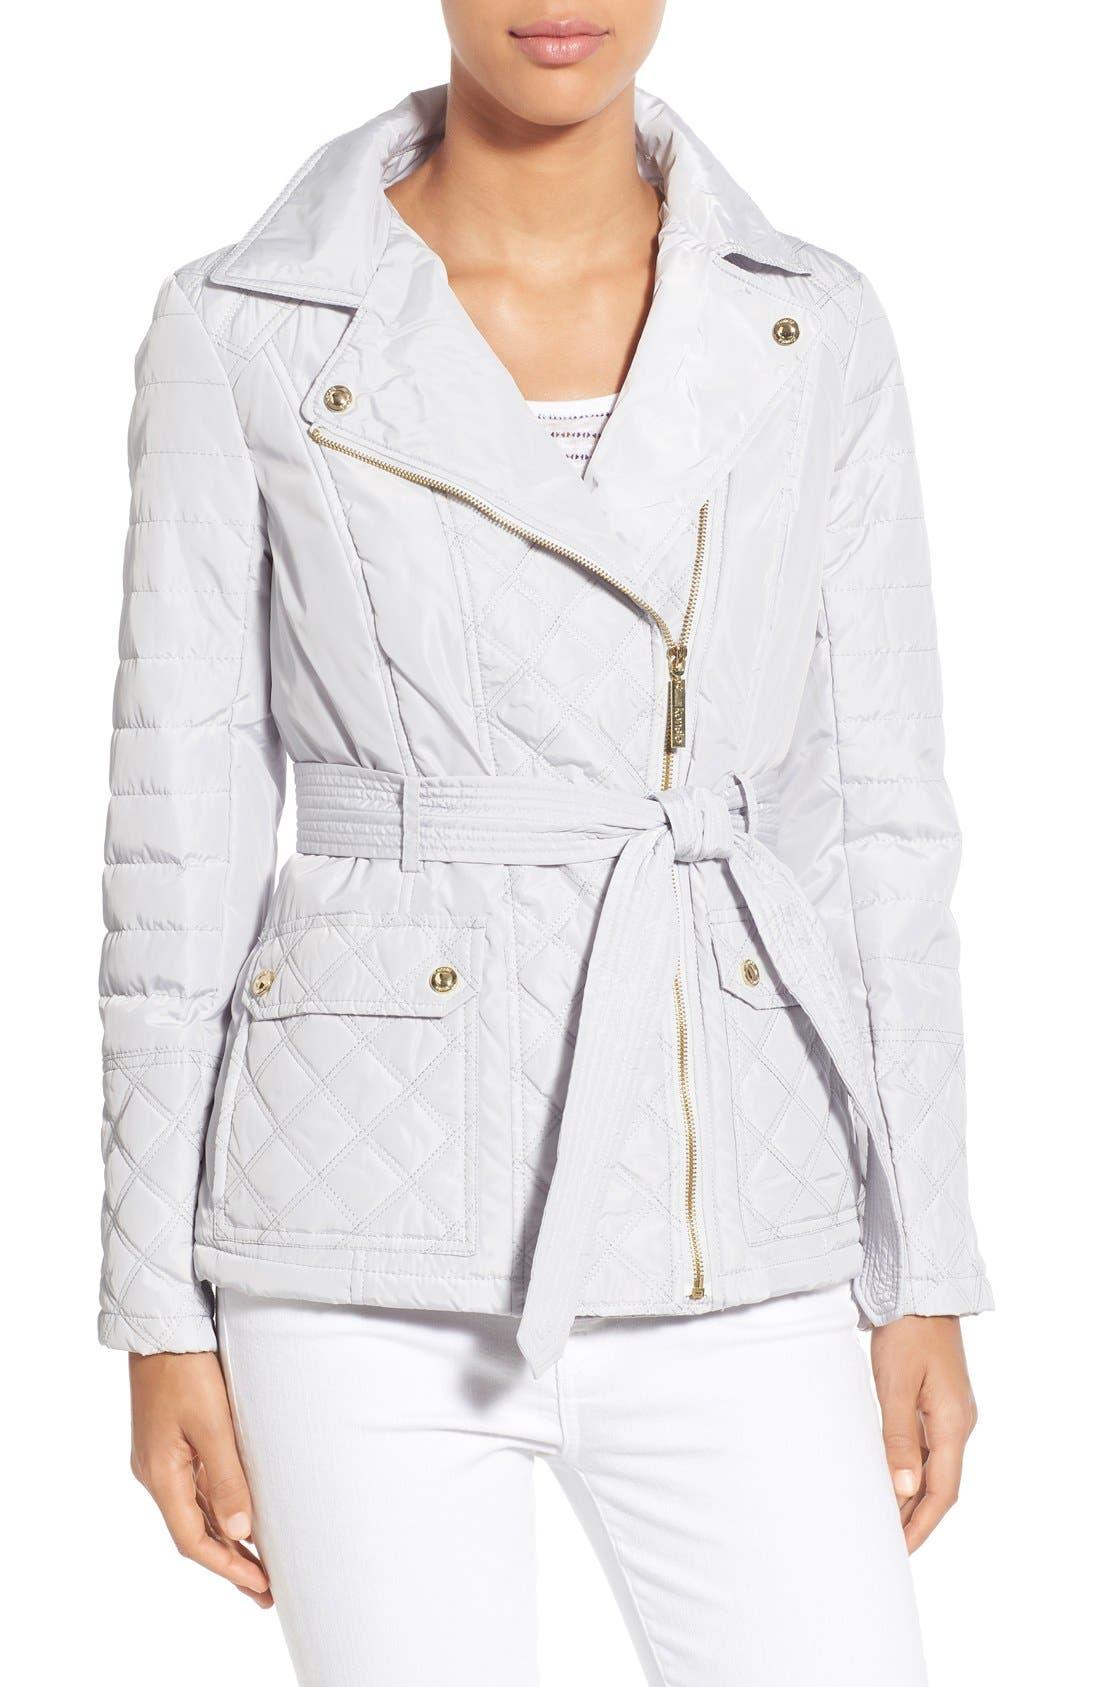 Alternate Image 1 Selected - kensie Asymmetrical Quilted Jacket